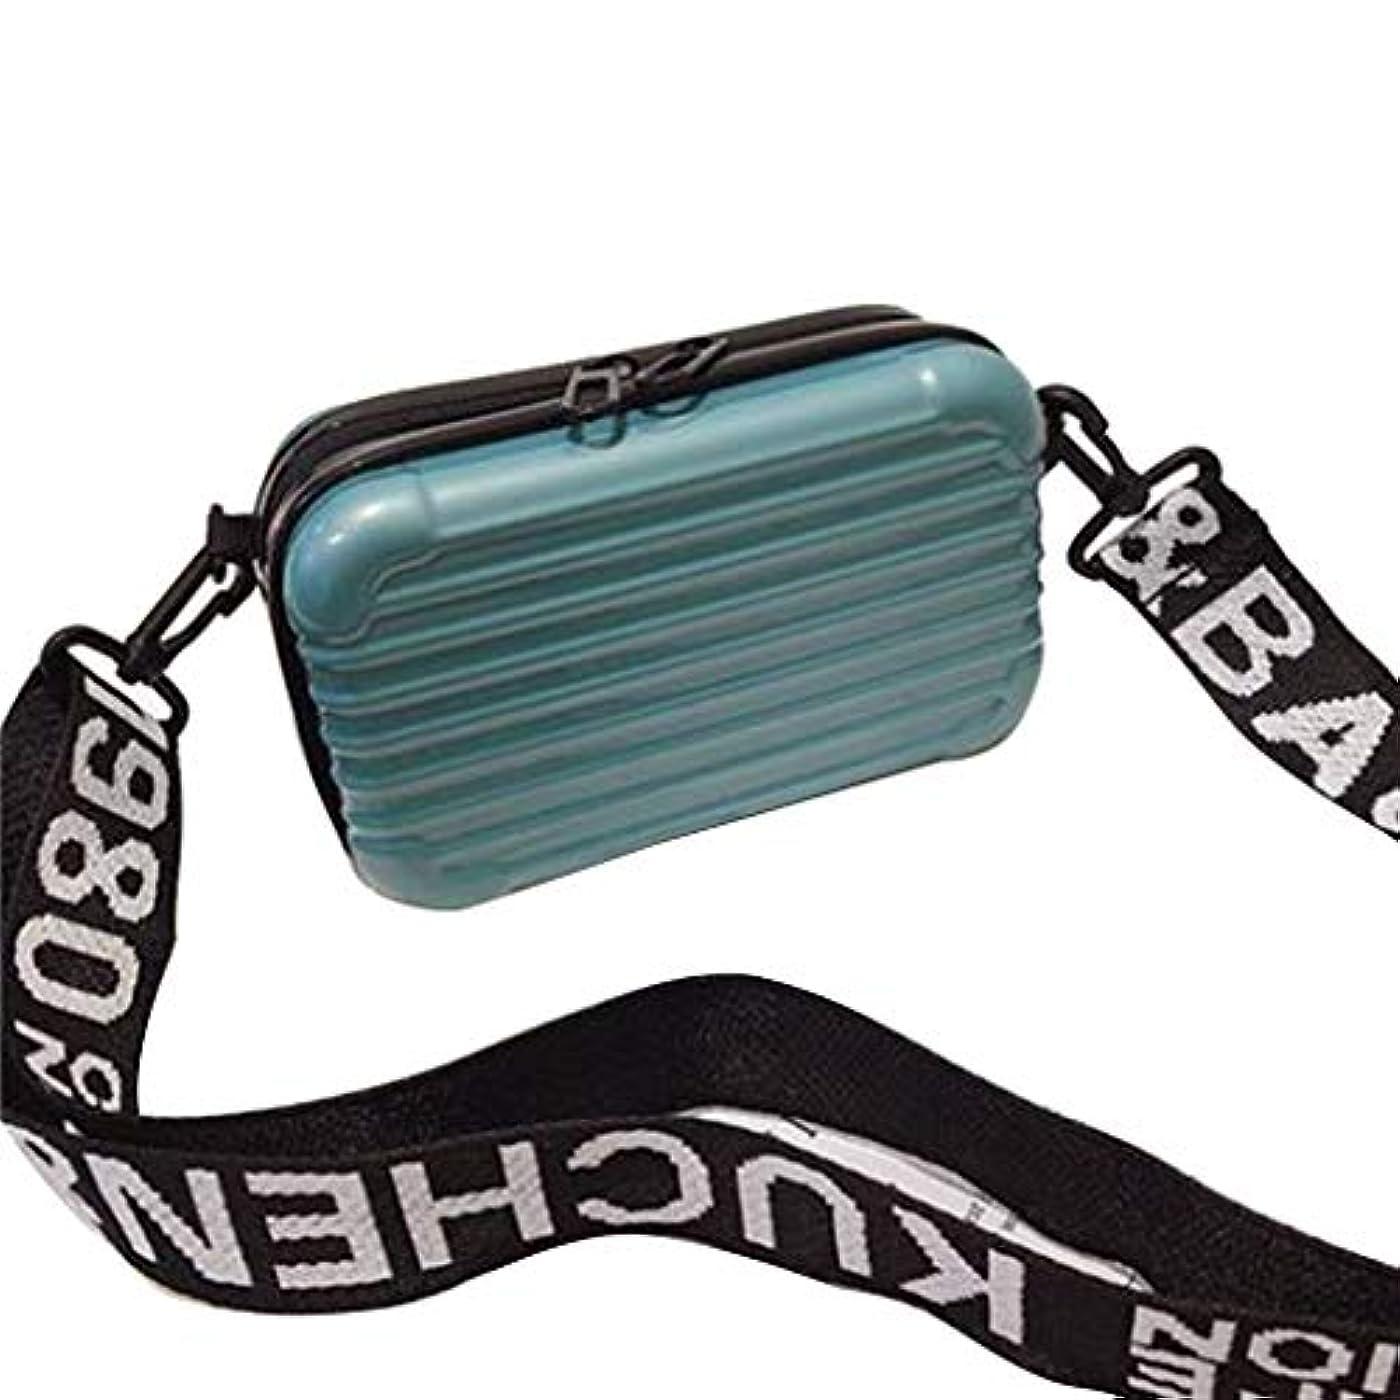 評判破壊的な派手Nerhaily 化粧ポーチ 多機能ポーチ 収納バッグ 軽量 旅行 出張 お出かけ 持ち運び便利 スーツケース型 5色選択可 (青)